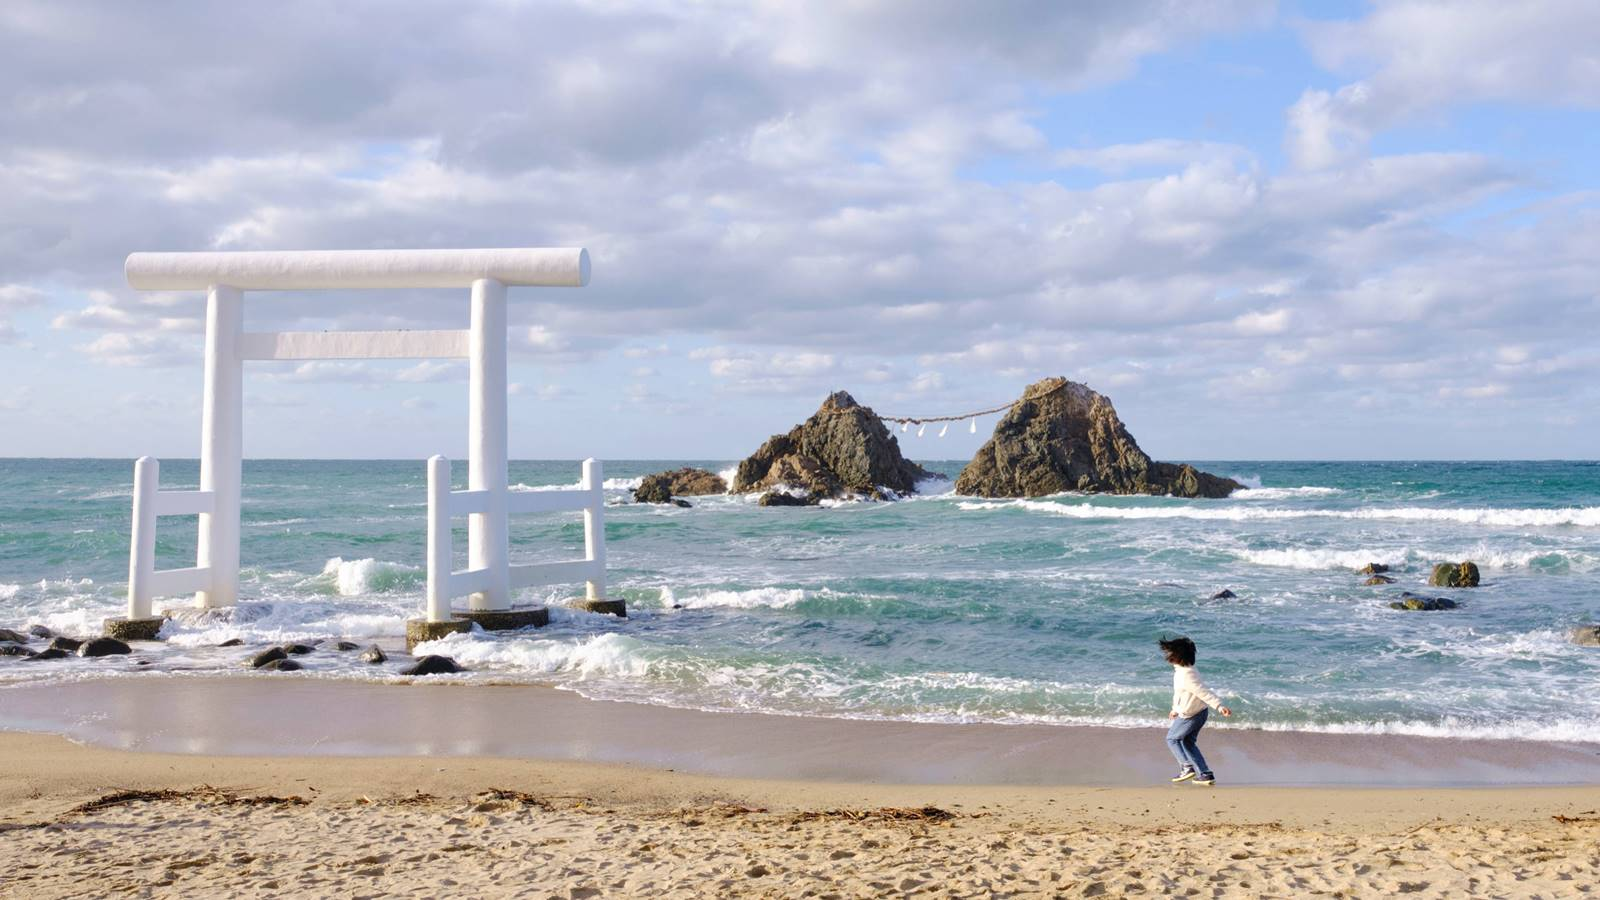 福岡-景點-推薦-夫婦岩-福岡好玩景點-福岡必玩景點-福岡必去景點-福岡自由行景點-攻略-市區-郊區-旅遊-行程-Fukuoka-Tourist-Attraction